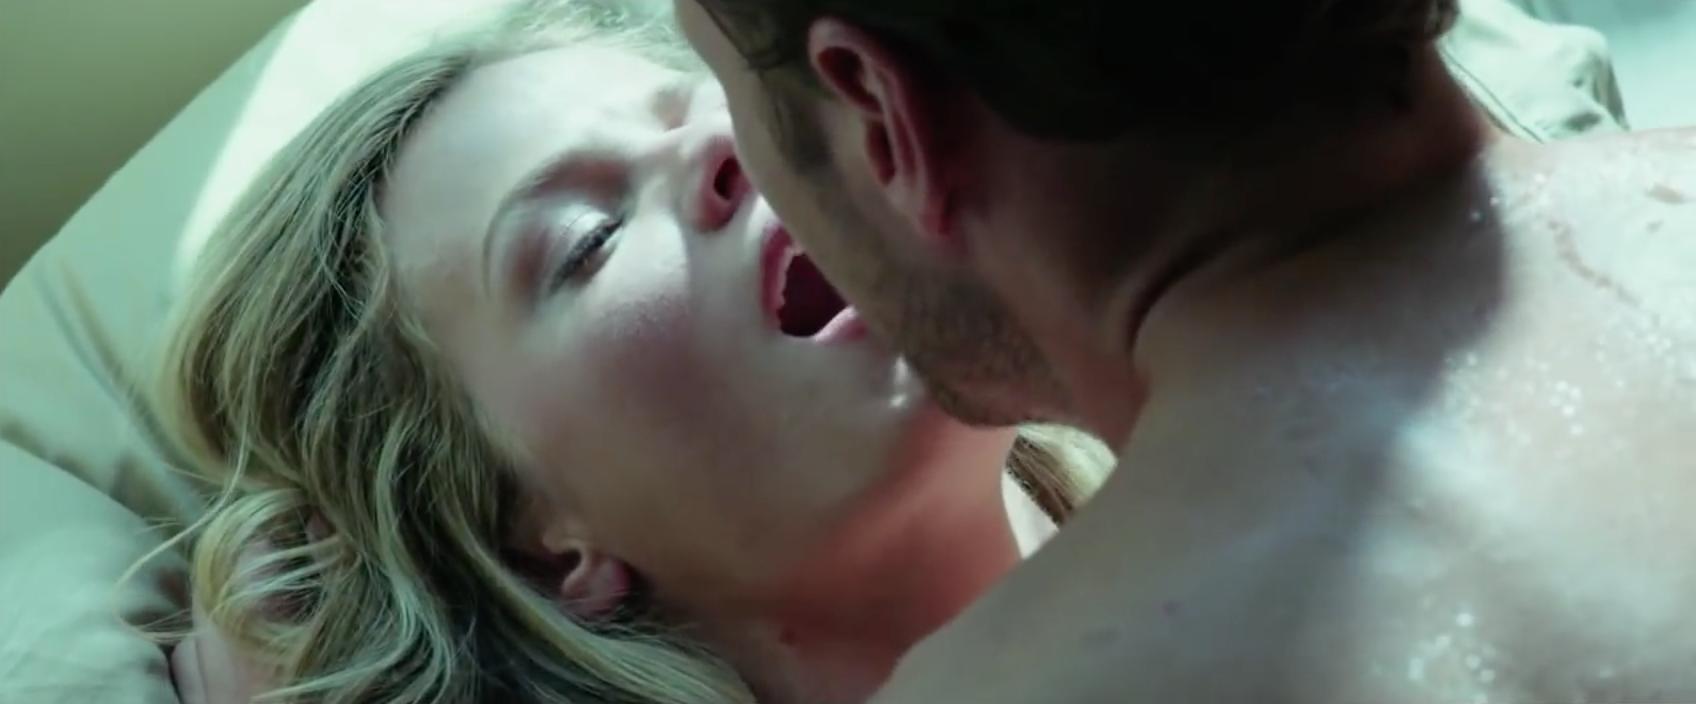 Film Sex Scenes 103